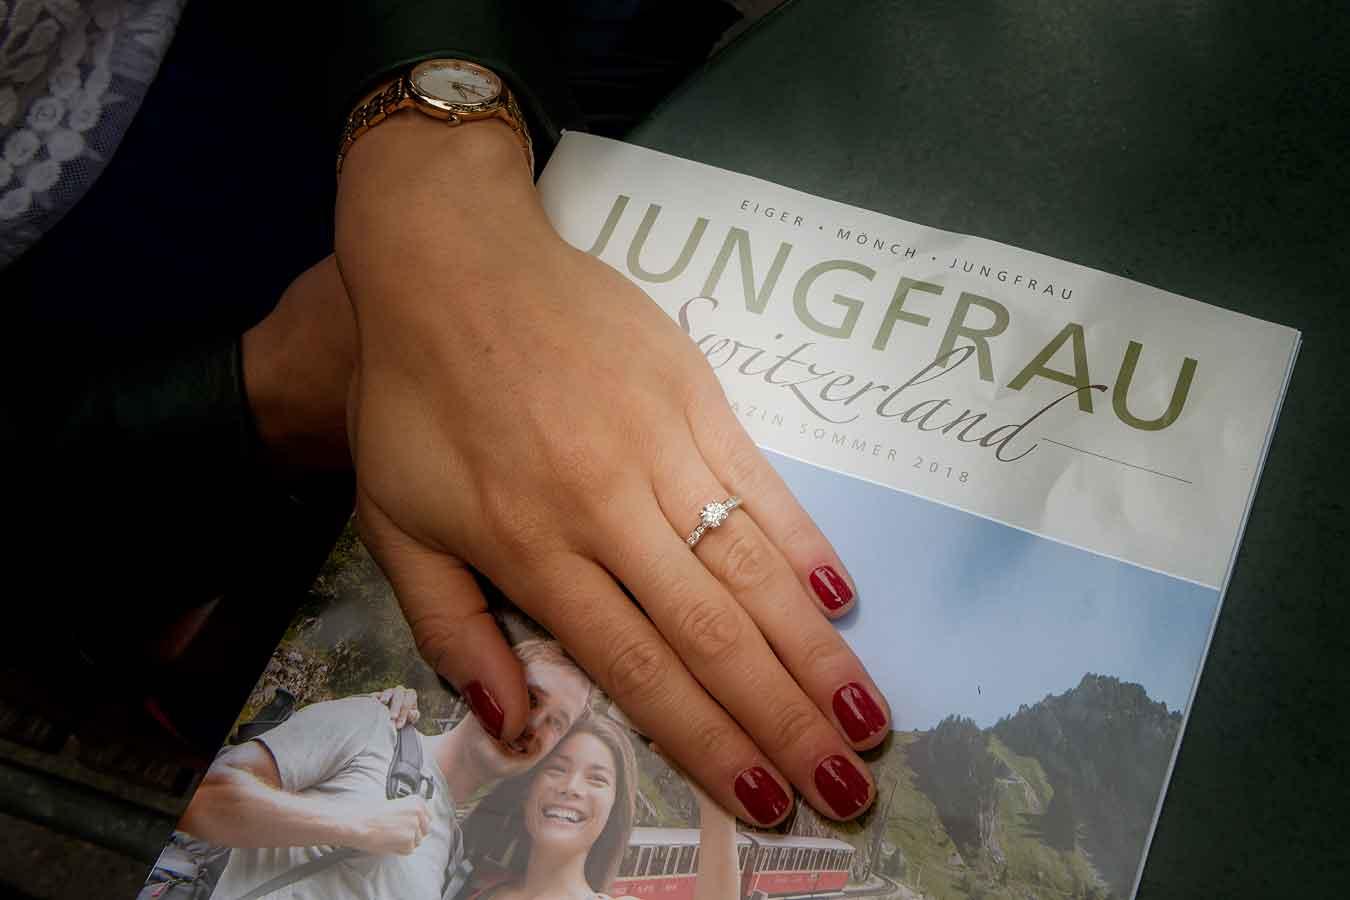 Surprise marriage proposal Interlaken